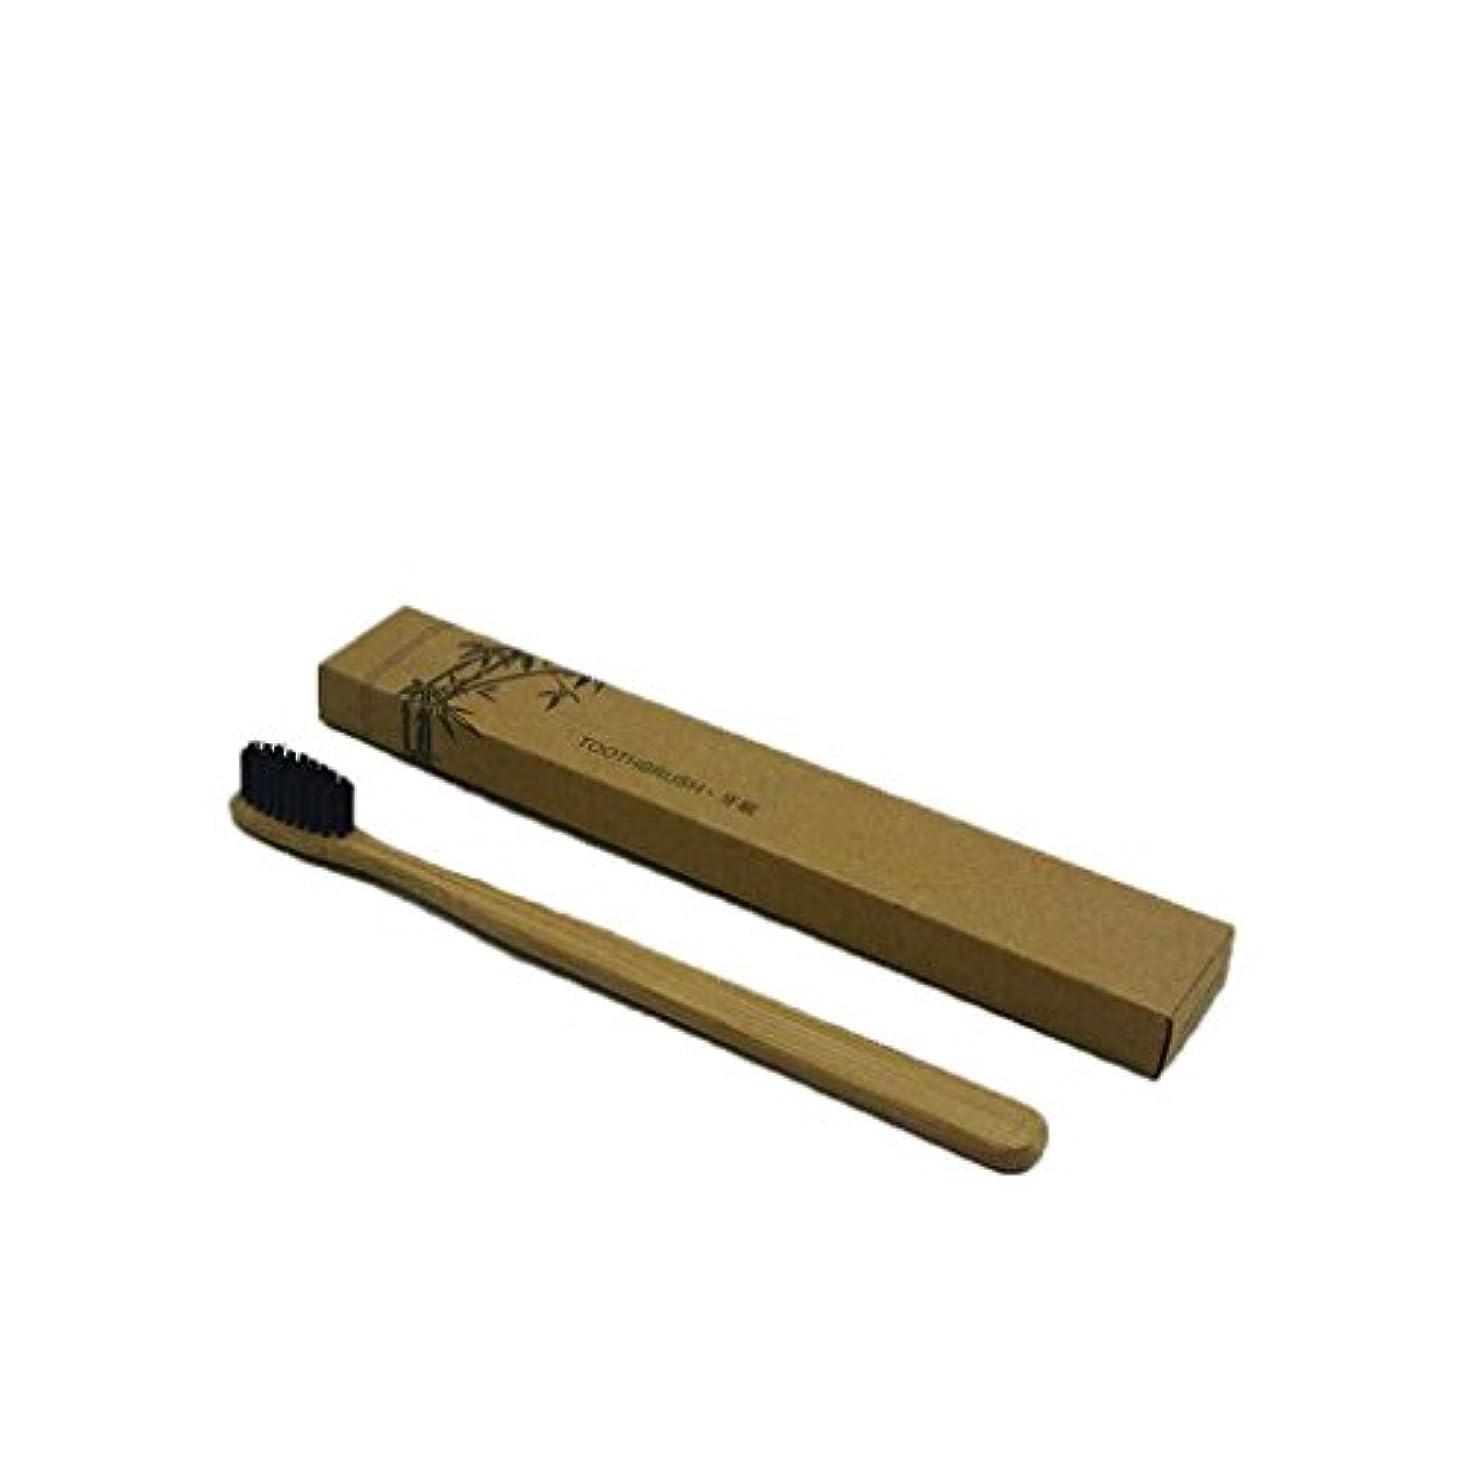 誰短命衛星uzinby 竹歯ブラシ 低炭生活 天然木 親水性 歯ブラシ 自然竹ハンドル 分解性 歯ブラシ 環境保護材料